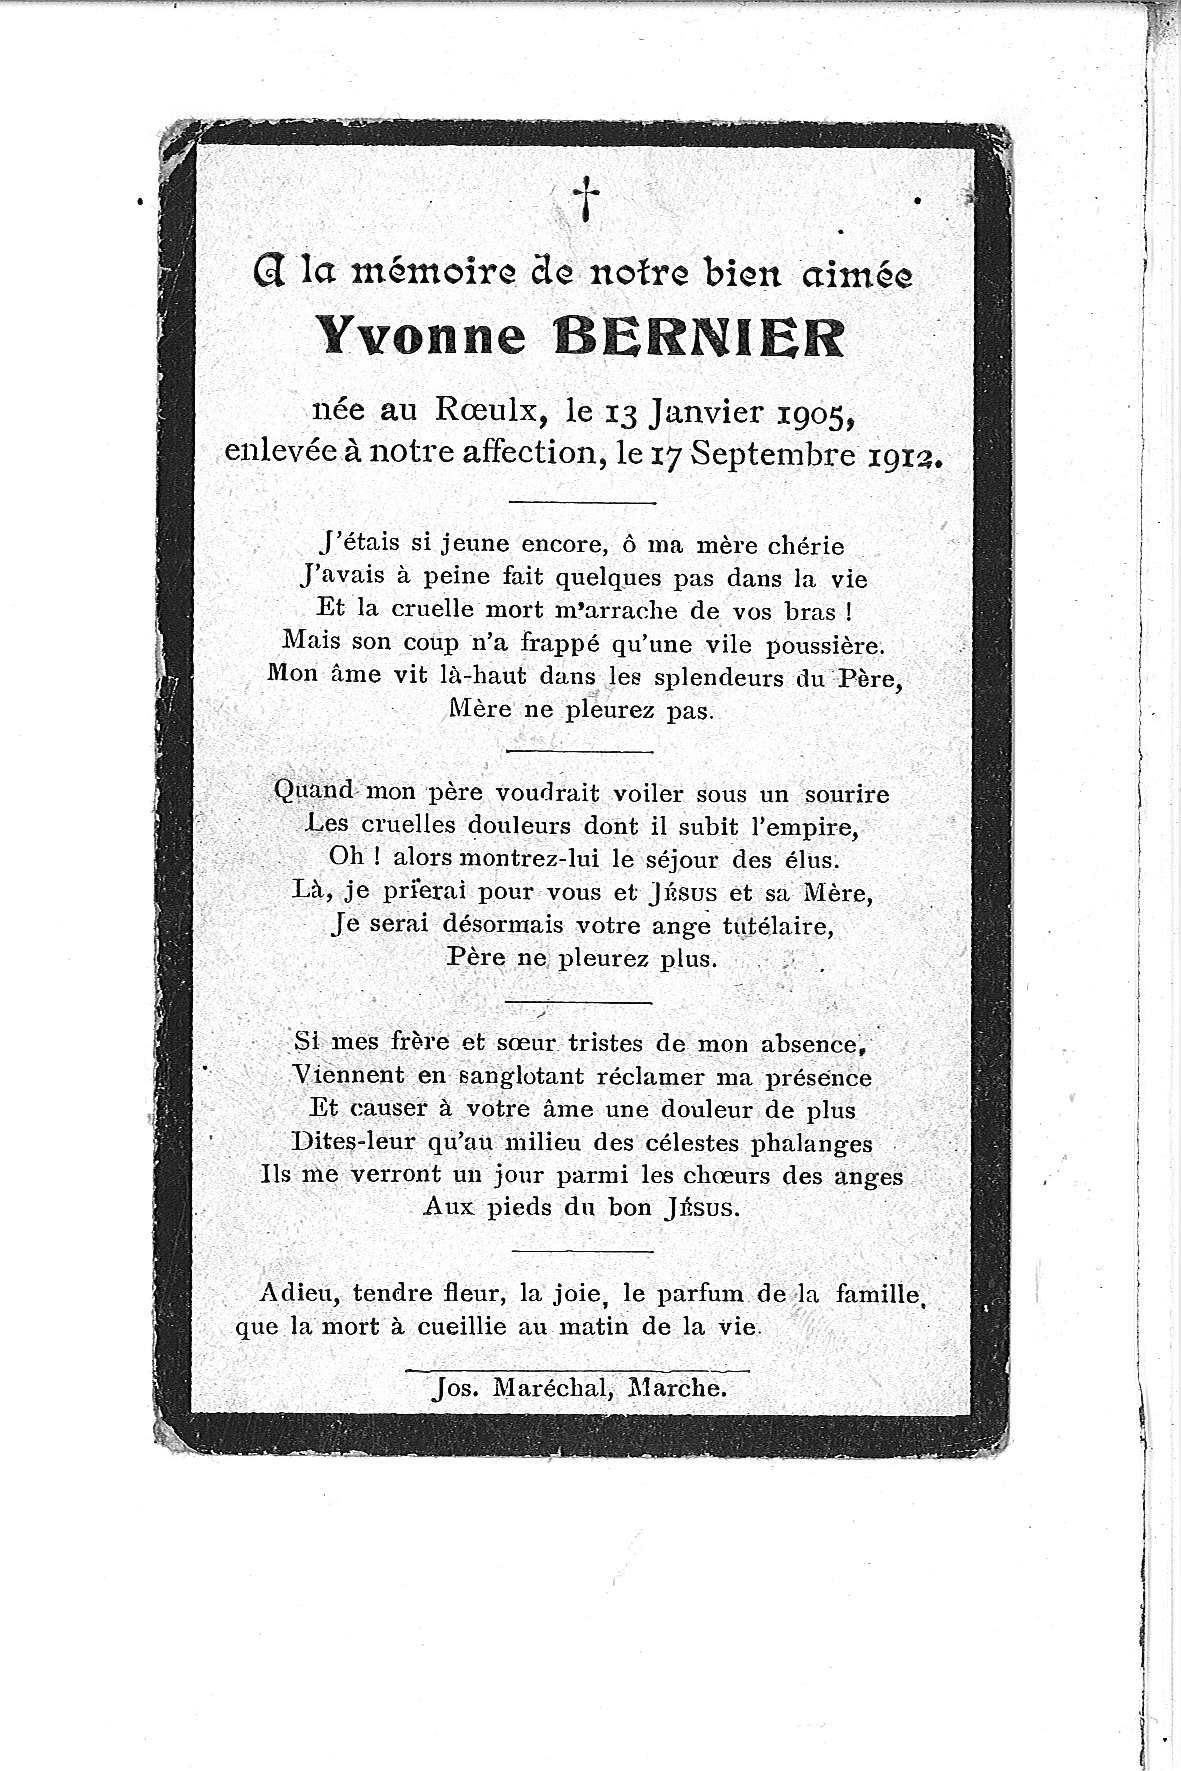 Yvonne(1912)20110114152404_00009.jpg